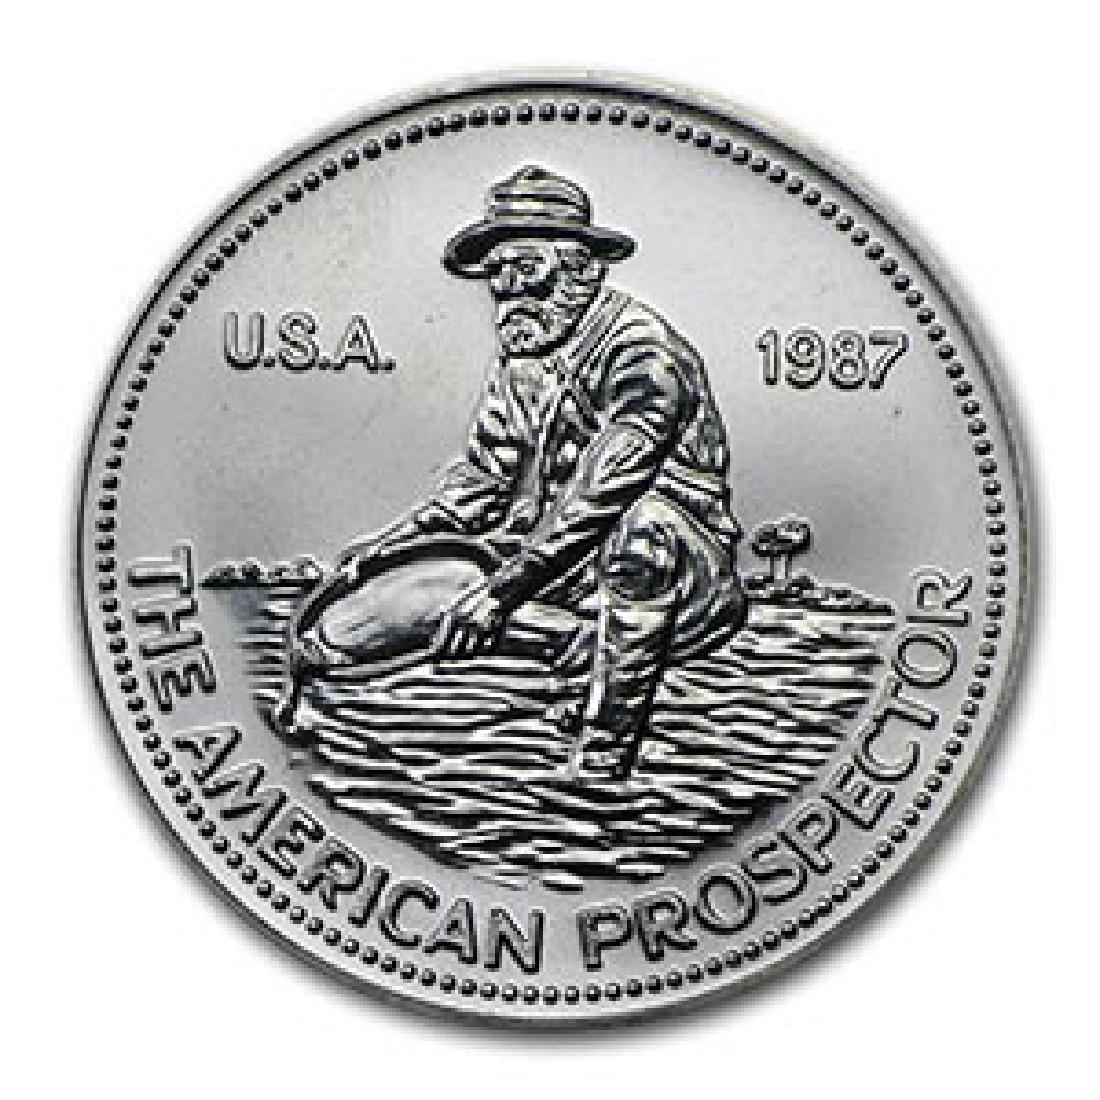 1 oz Silver Round - Engelhard Prospector (1987, Eagle R